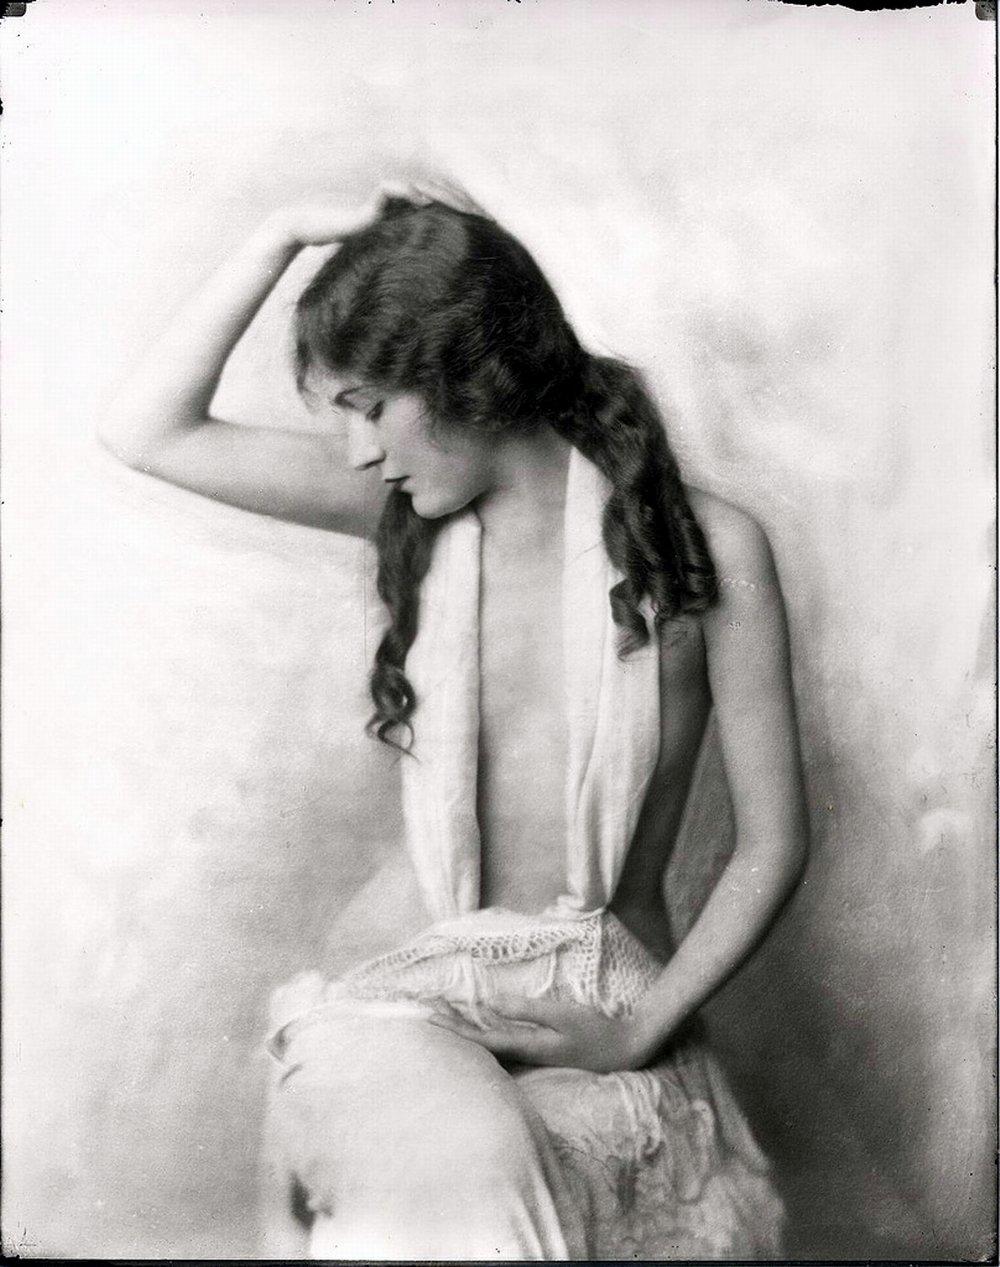 Эротика 19 века в картинках 30 фотография